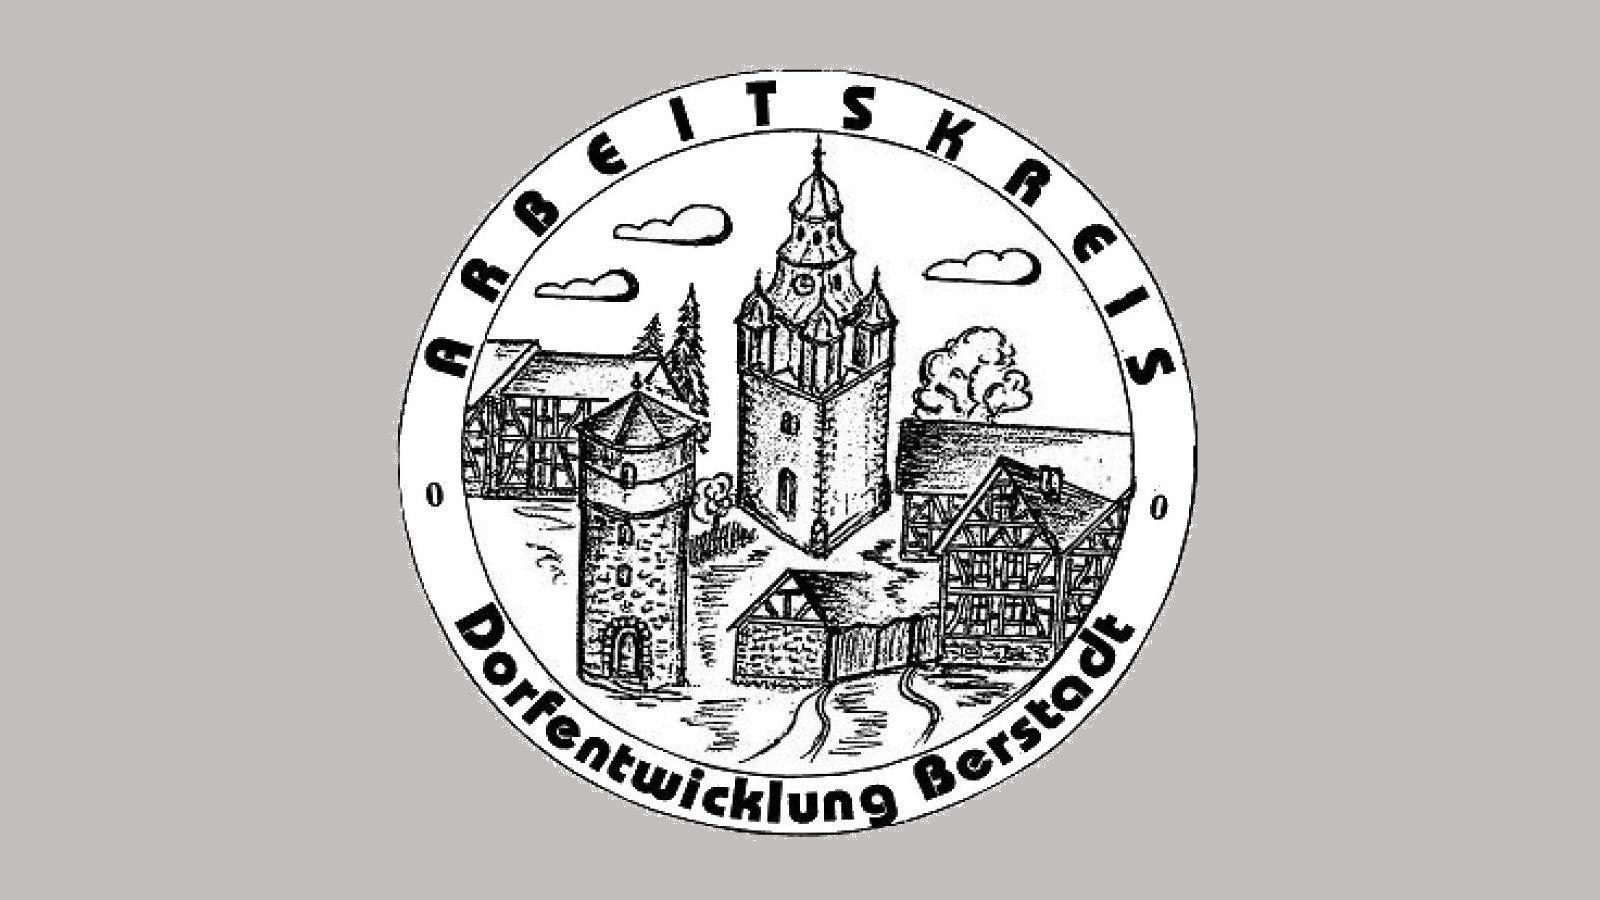 Arbeitskreis Dorfentwicklung Berstadt